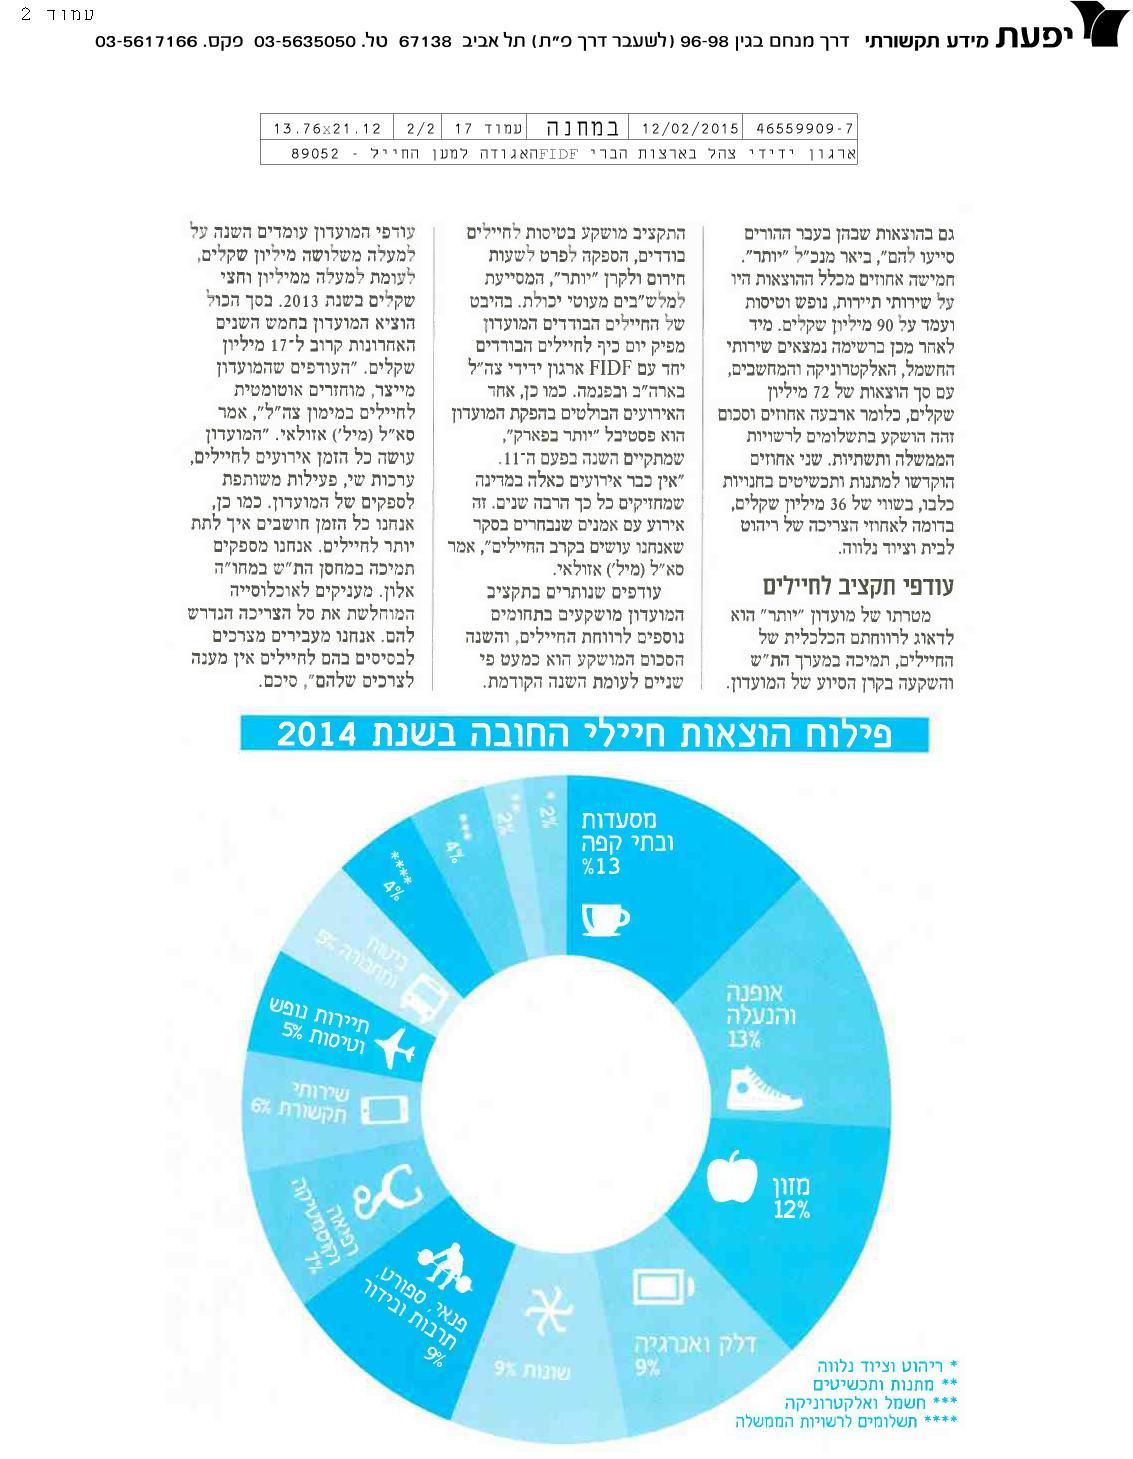 הרגלי צריכה 2014- עיתון במחנה 2